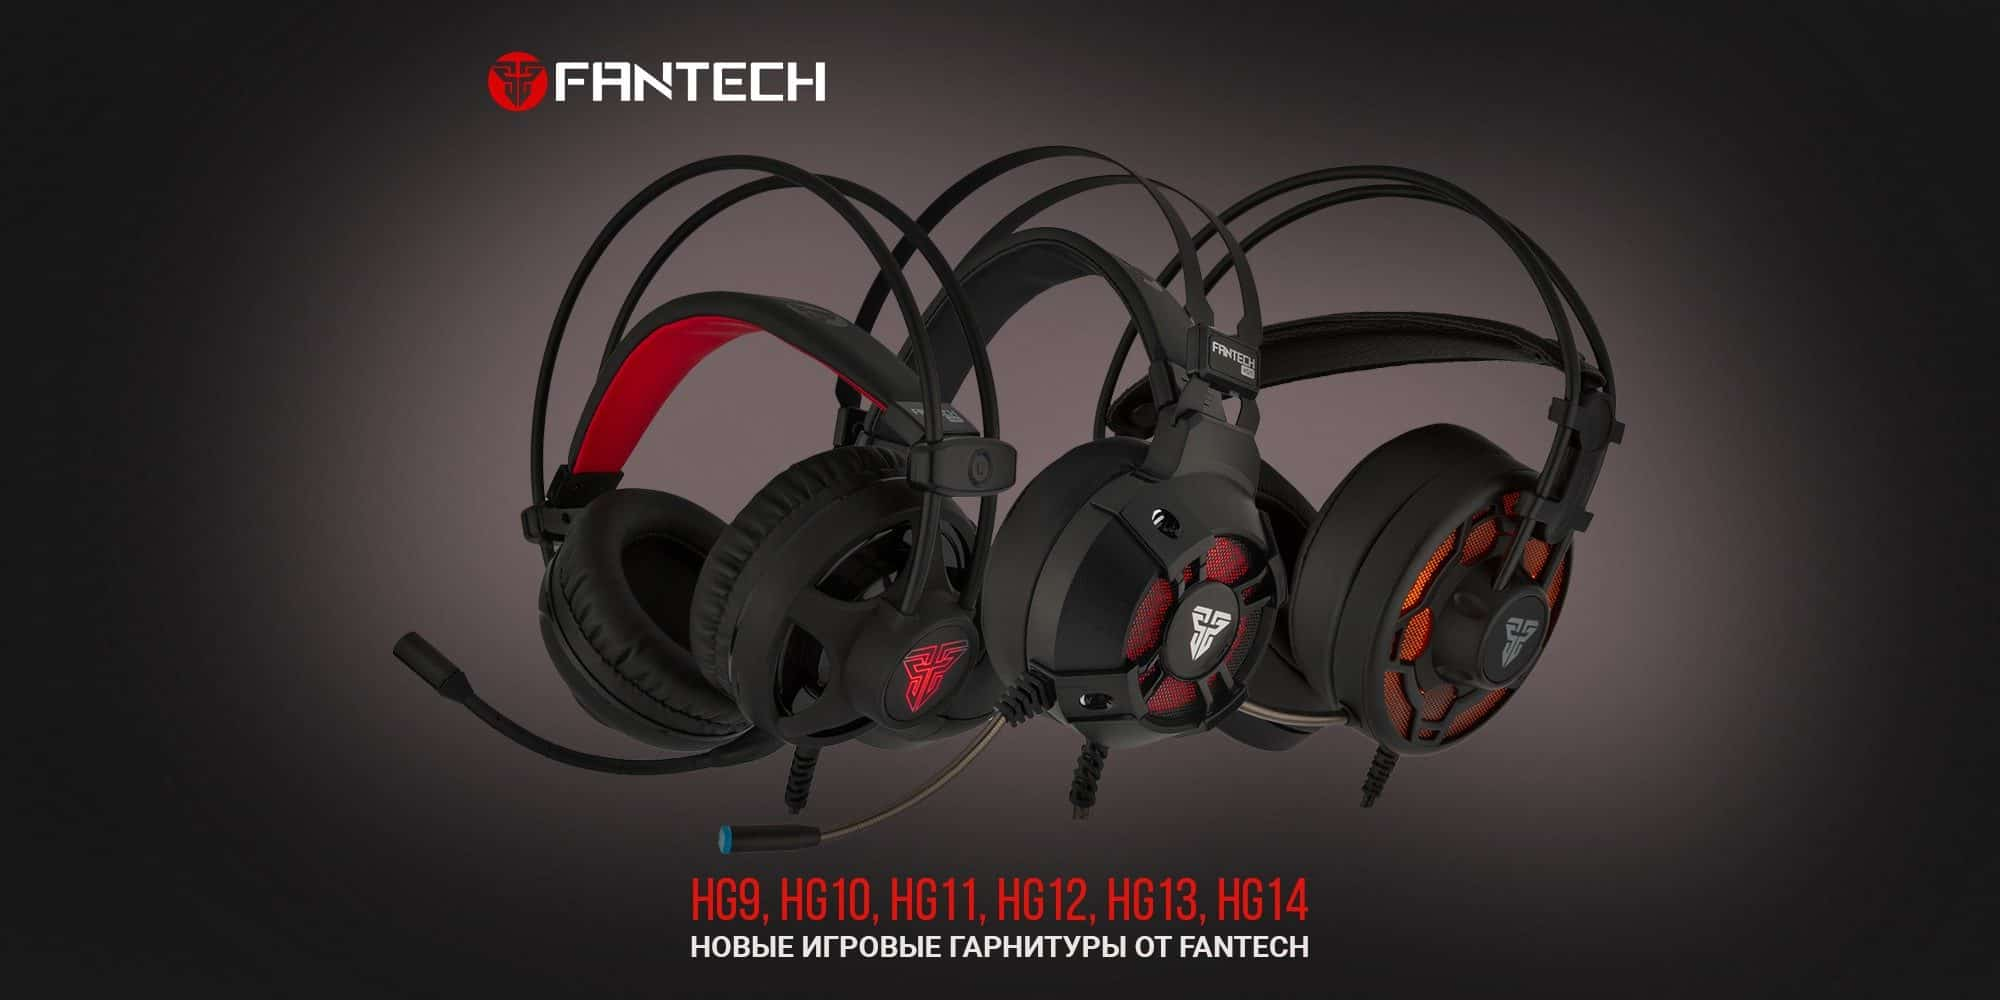 Новые игровые гарнитуры Fantech